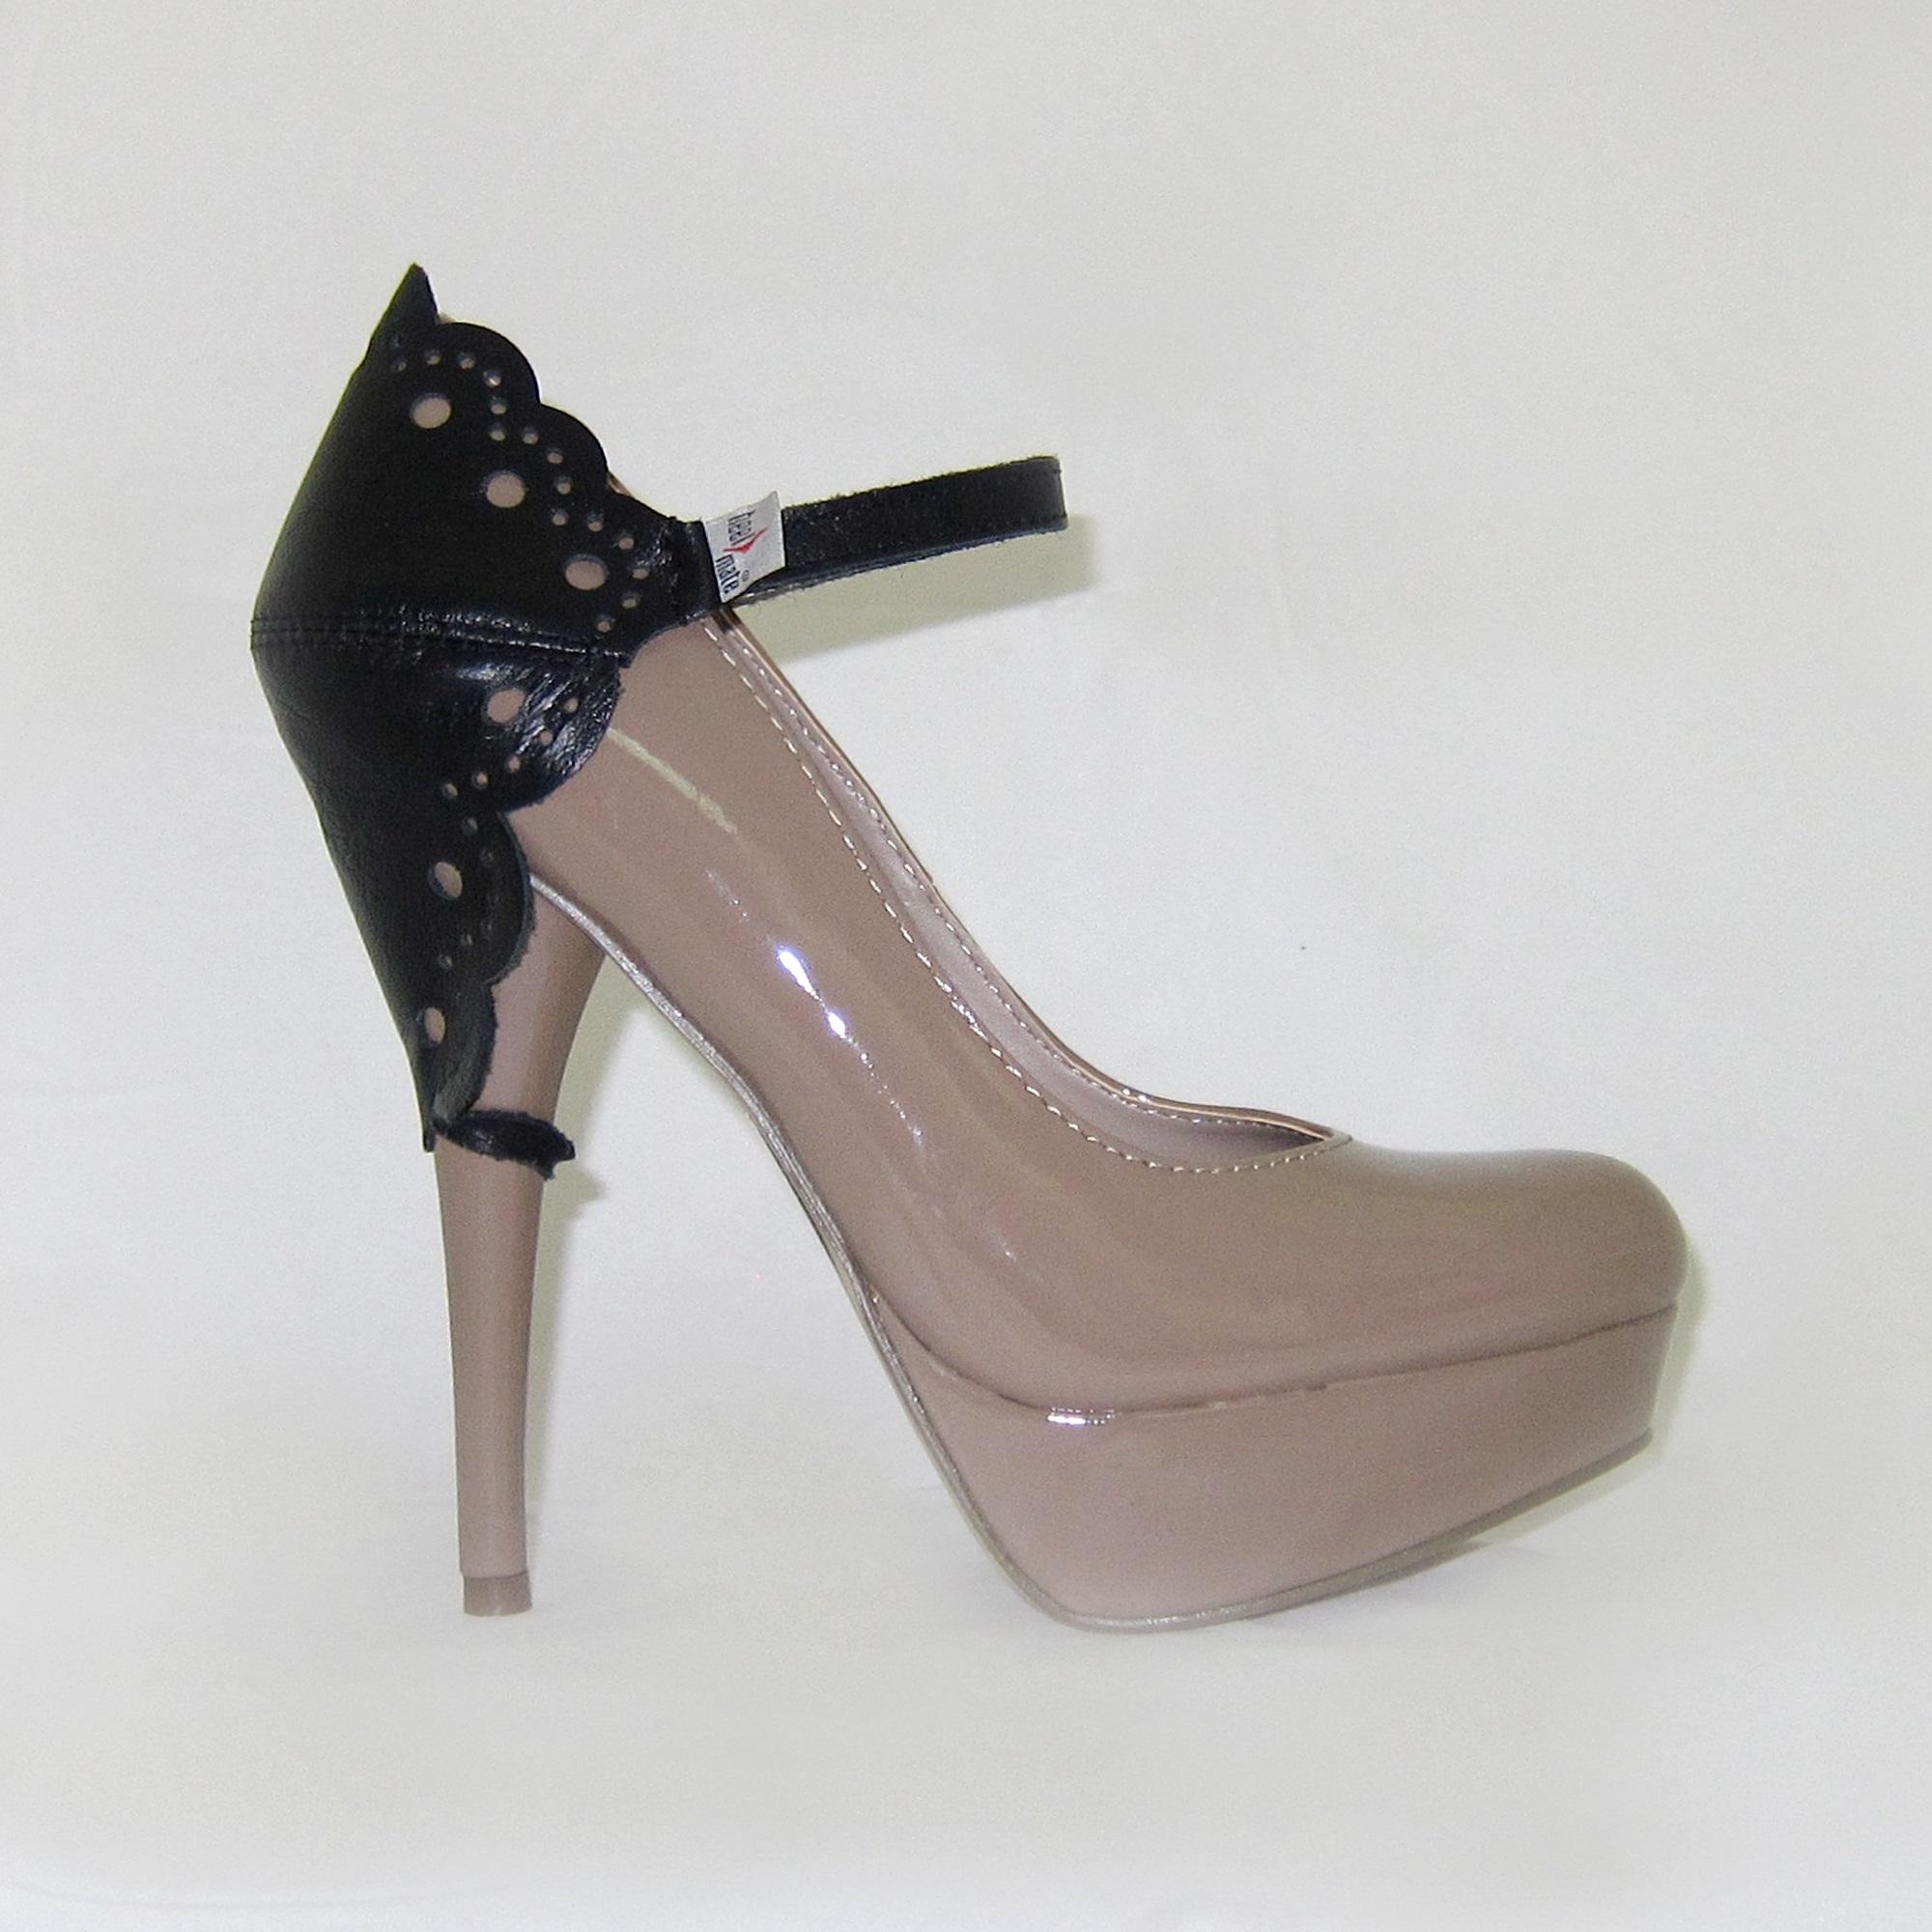 Автопятка ажурная для женской обуви на каблуке